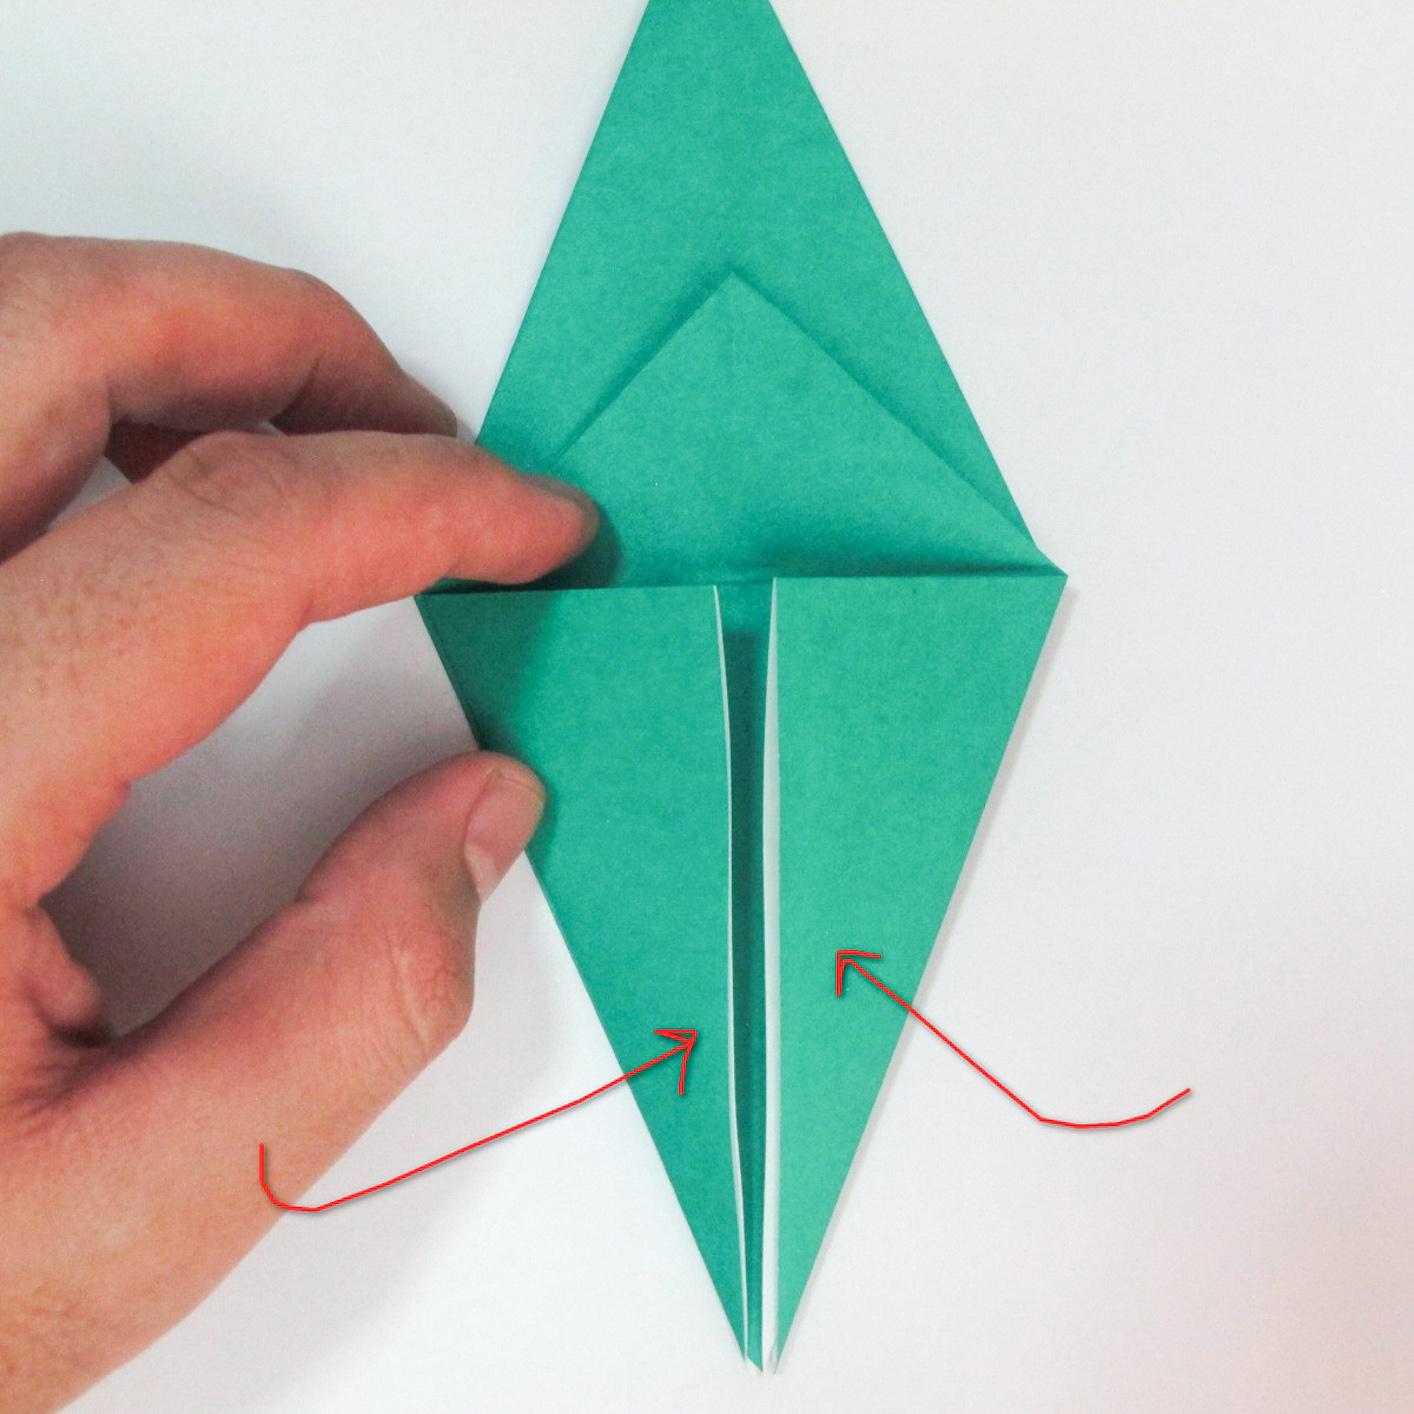 สอนวิธีการพับกระดาษเป็นรูปปลาฉลาม (Origami Shark) 013